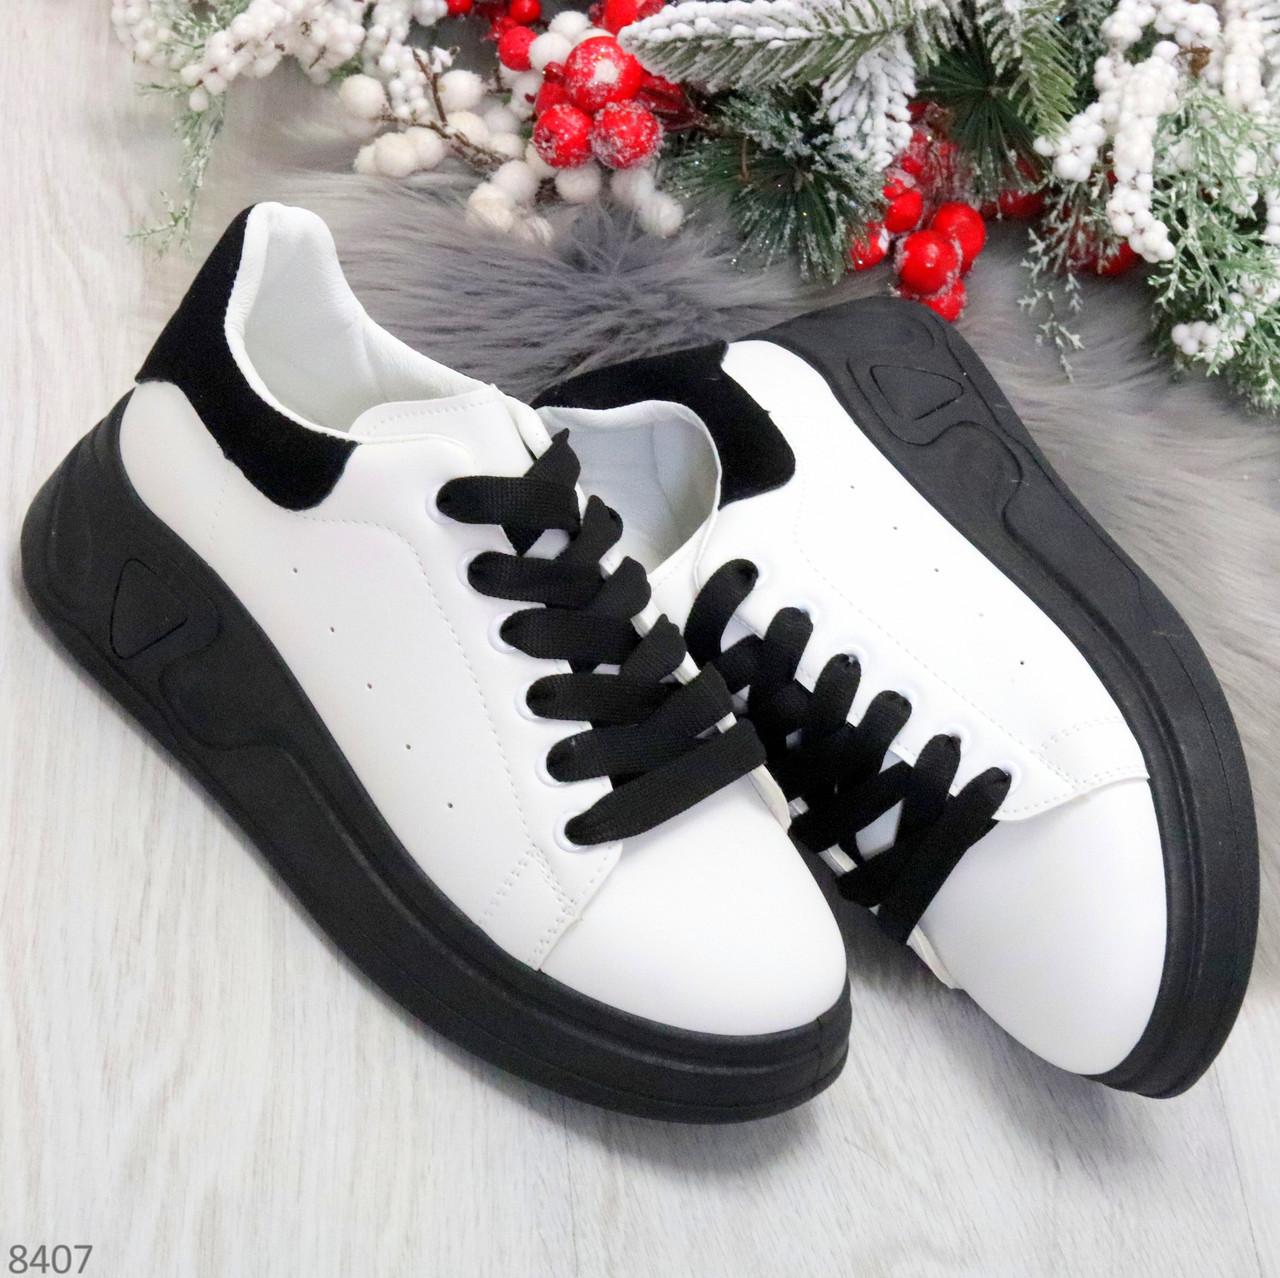 Ультра модные молодежные черно - белые женские кроссовки в ассортименте